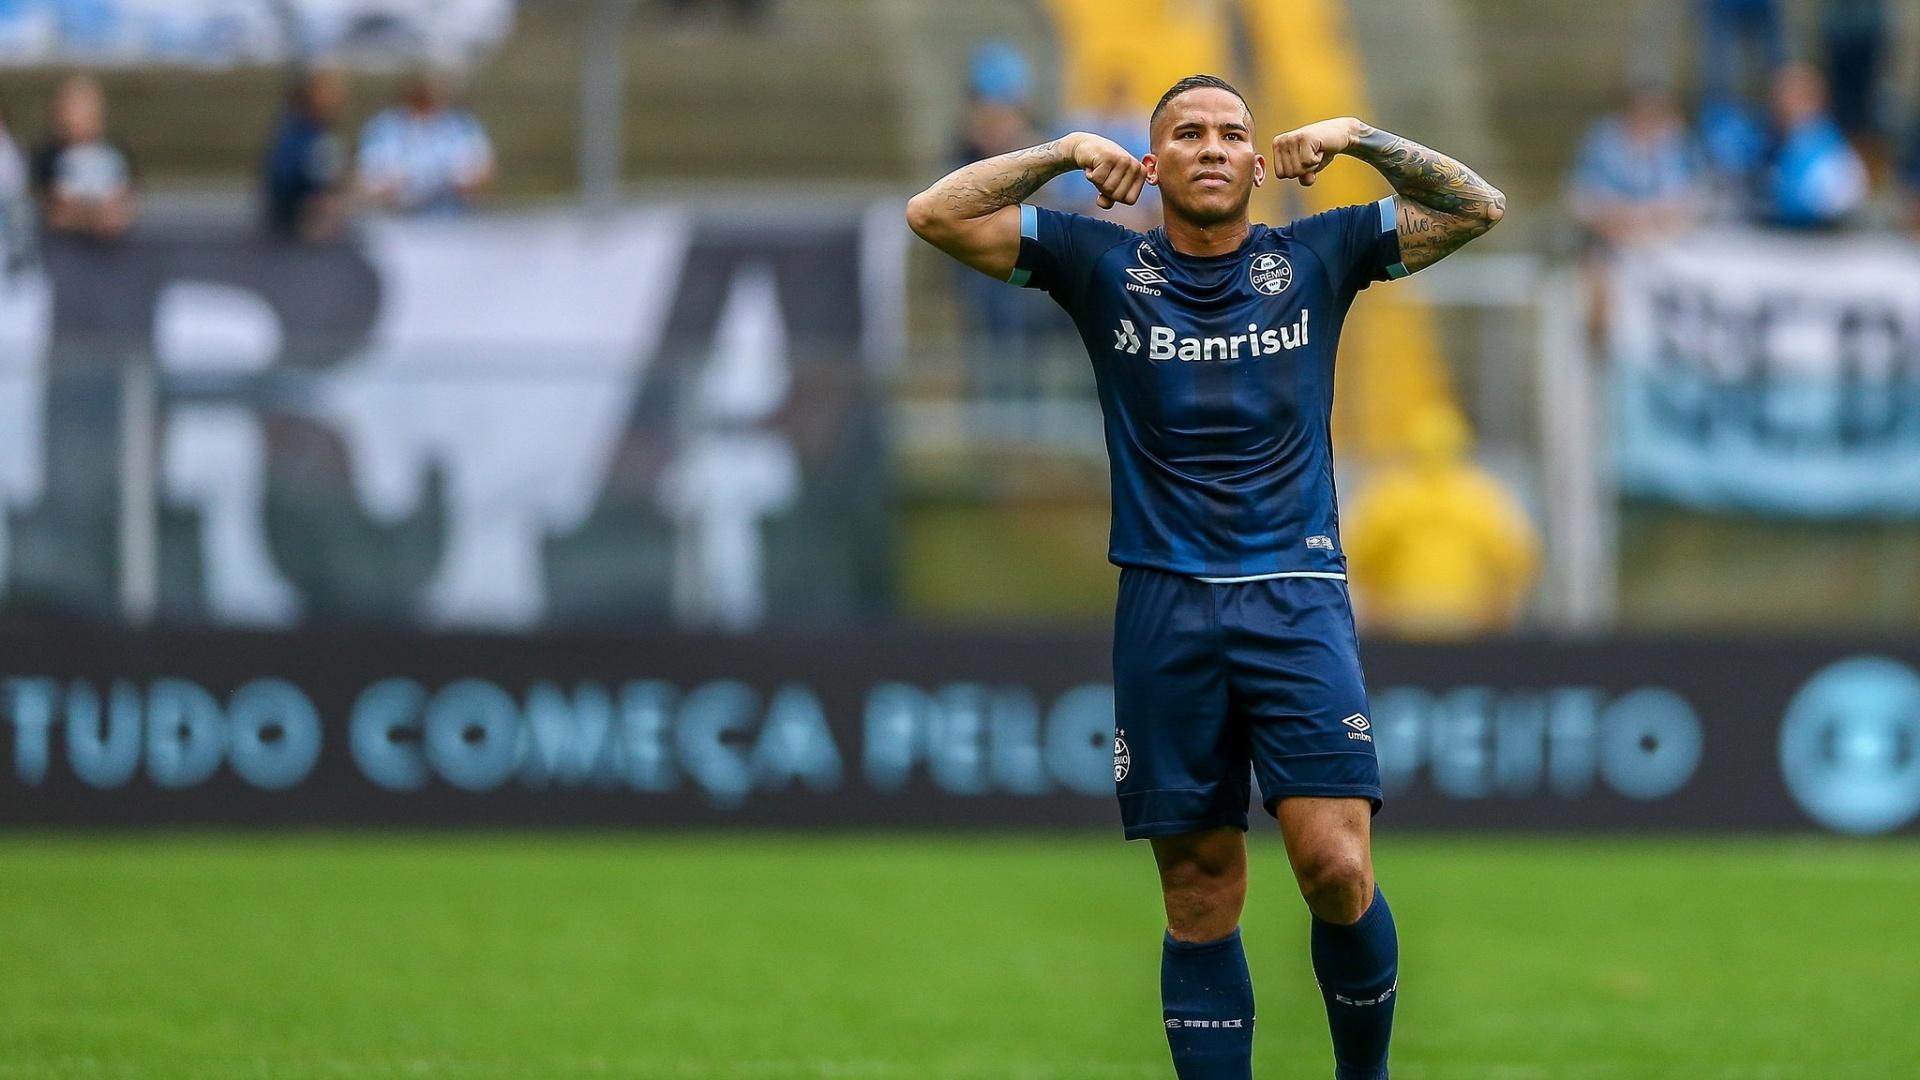 Jael celebra gol do Grêmio contra o Botafogo em duelo pelo Brasileirão